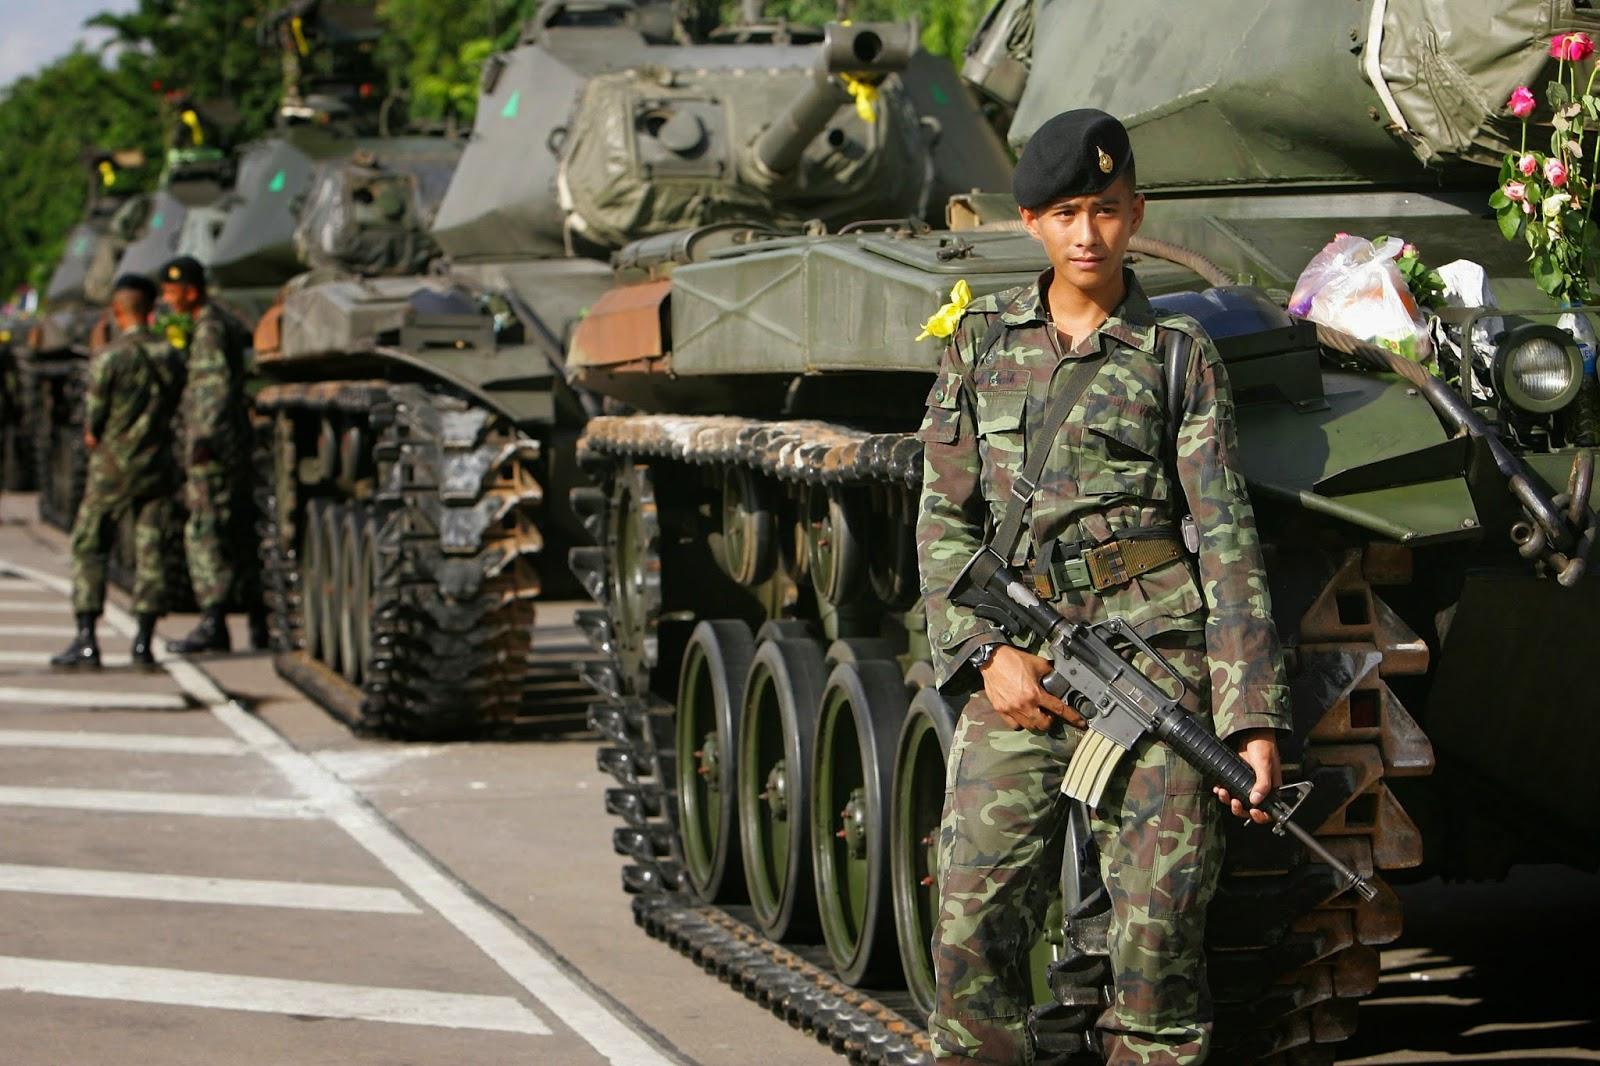 الجيش التايلاندي يتهم زعيما بارزا في المعارضة بإثارة الفتن